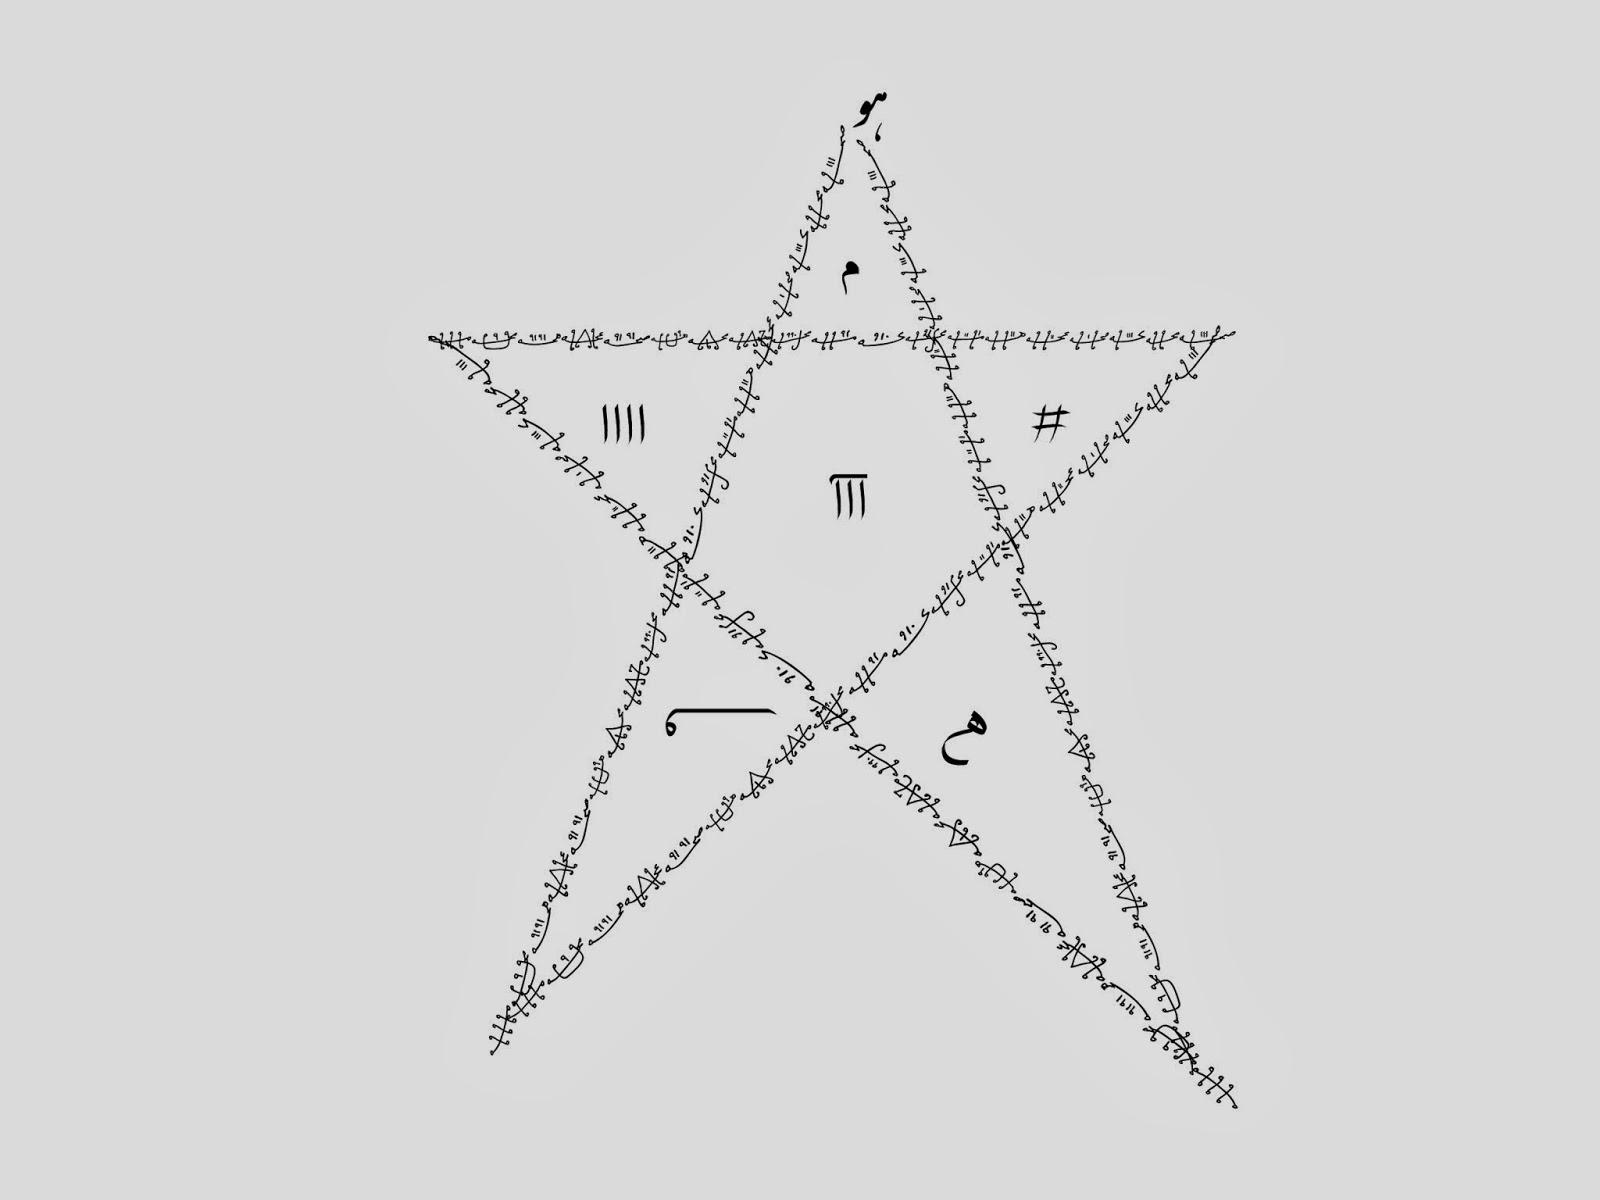 Hayakil Pentagrammic Talismans